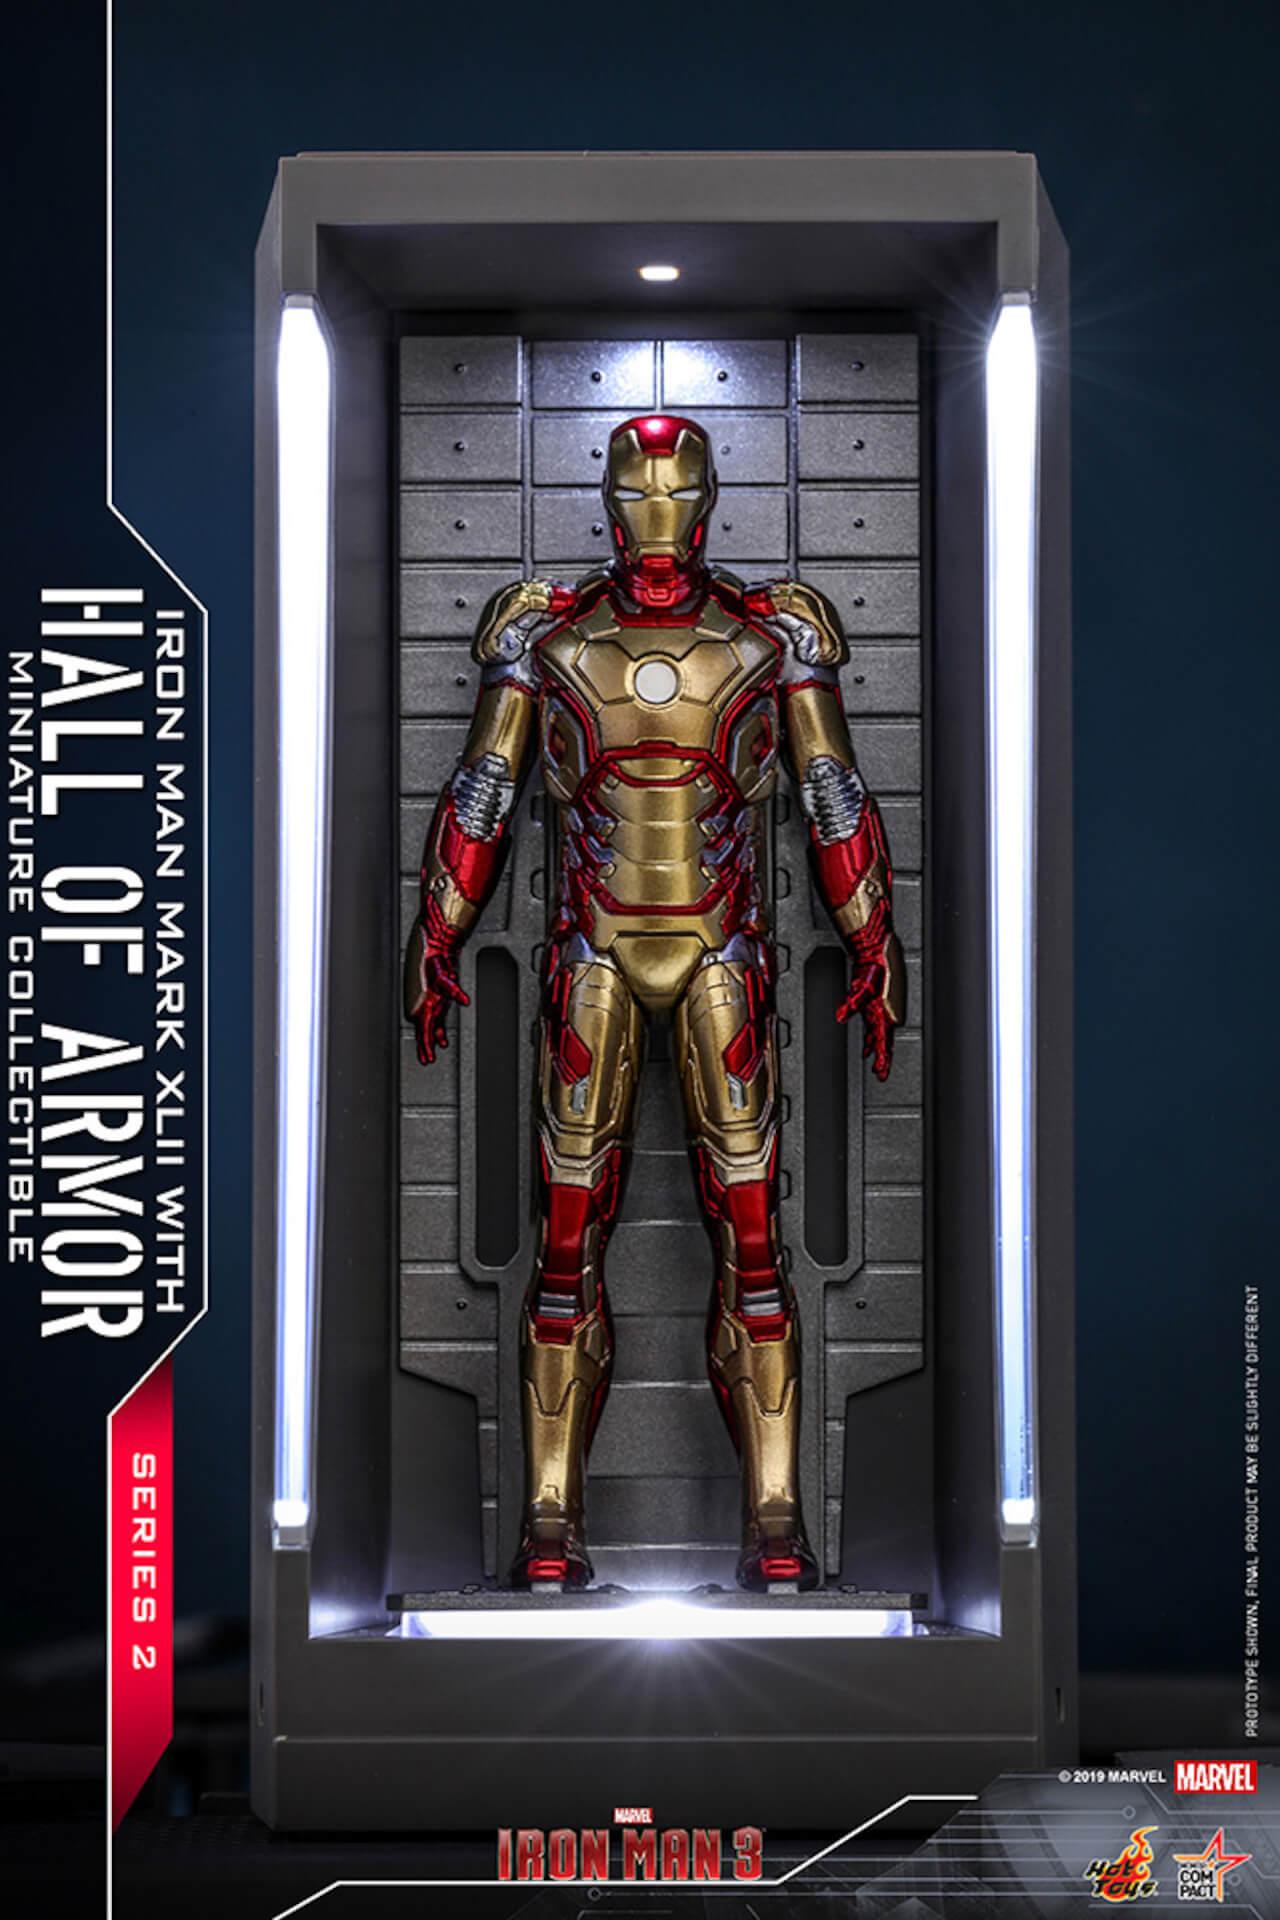 『アイアンマン3』に登場するアーマーが手のひらサイズに!ホットトイズからアイアンマンのミニチュアシリーズ2がホール・オブ・アーマー付き6体セットで発売! ac200124_hottoys_ironman_05